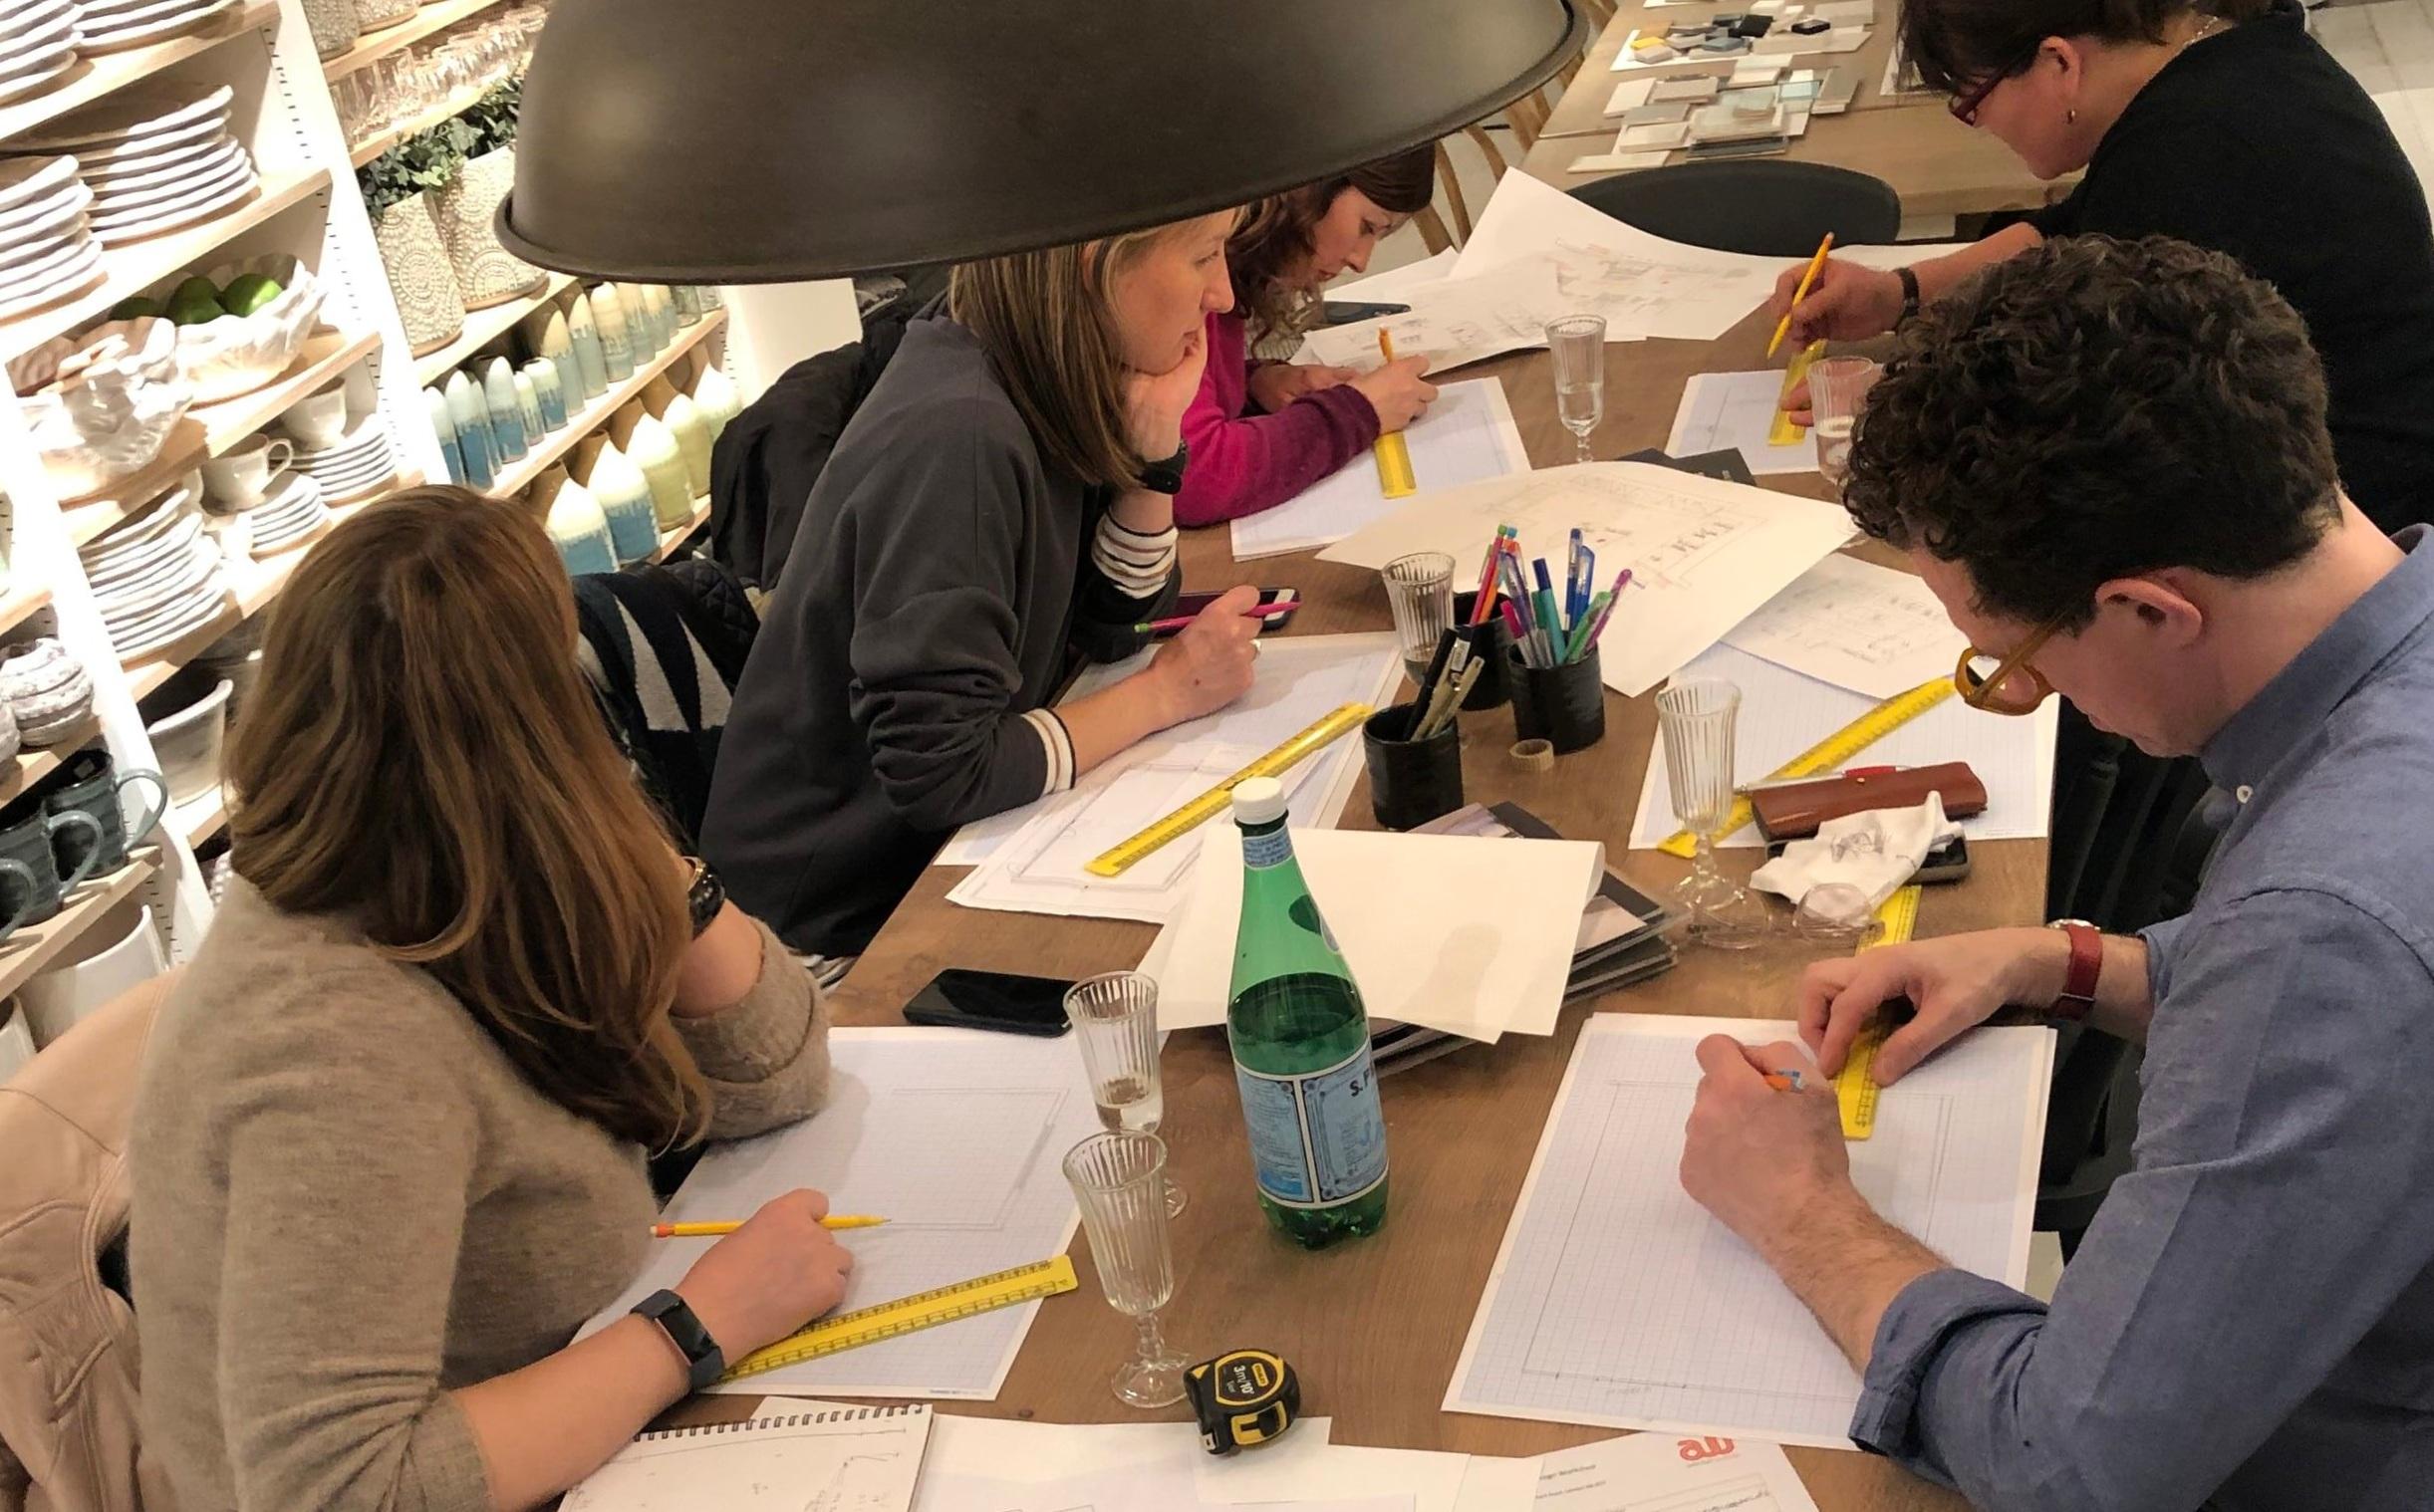 Audrey Whelan Interior Design Workshops